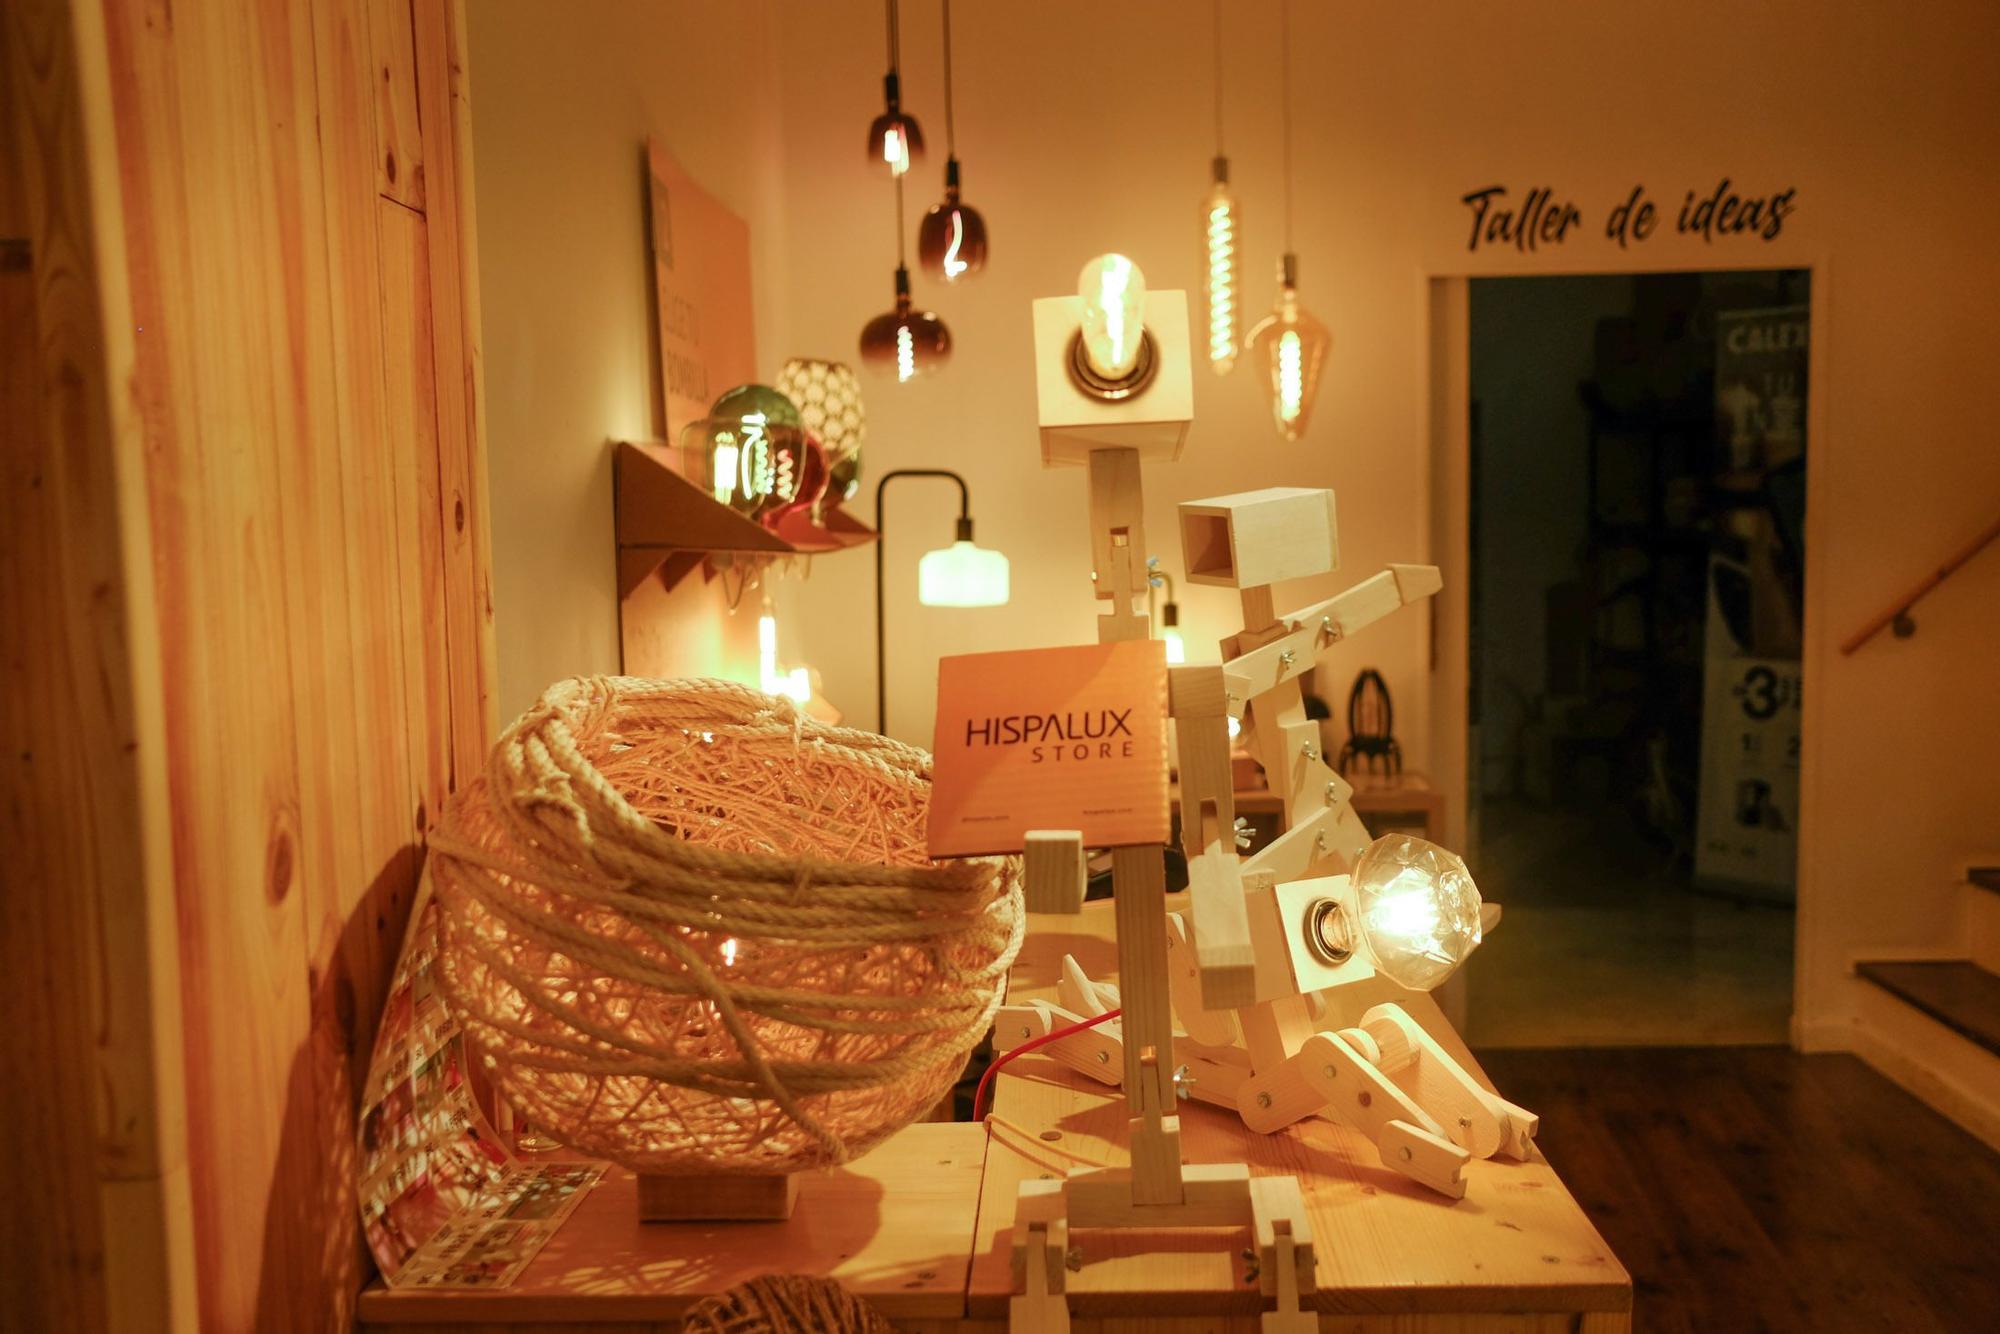 Tienda de lámparas Hispalux